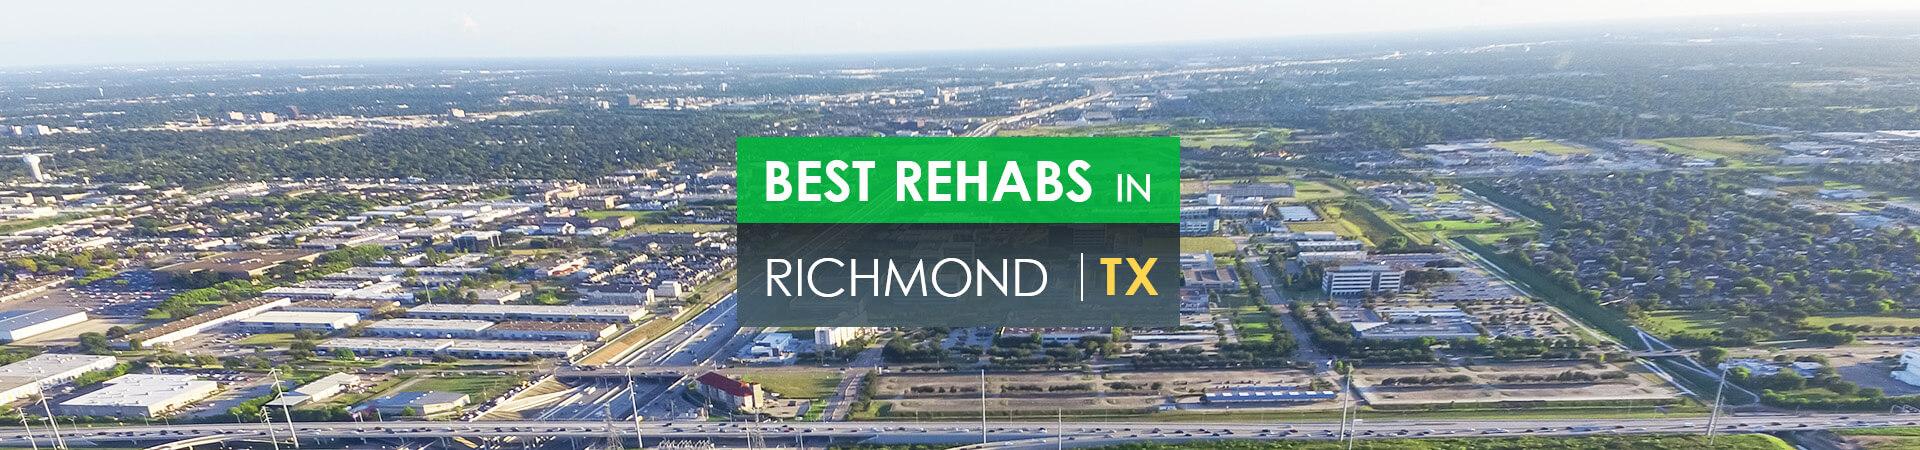 Best rehabs in Richmond, TX